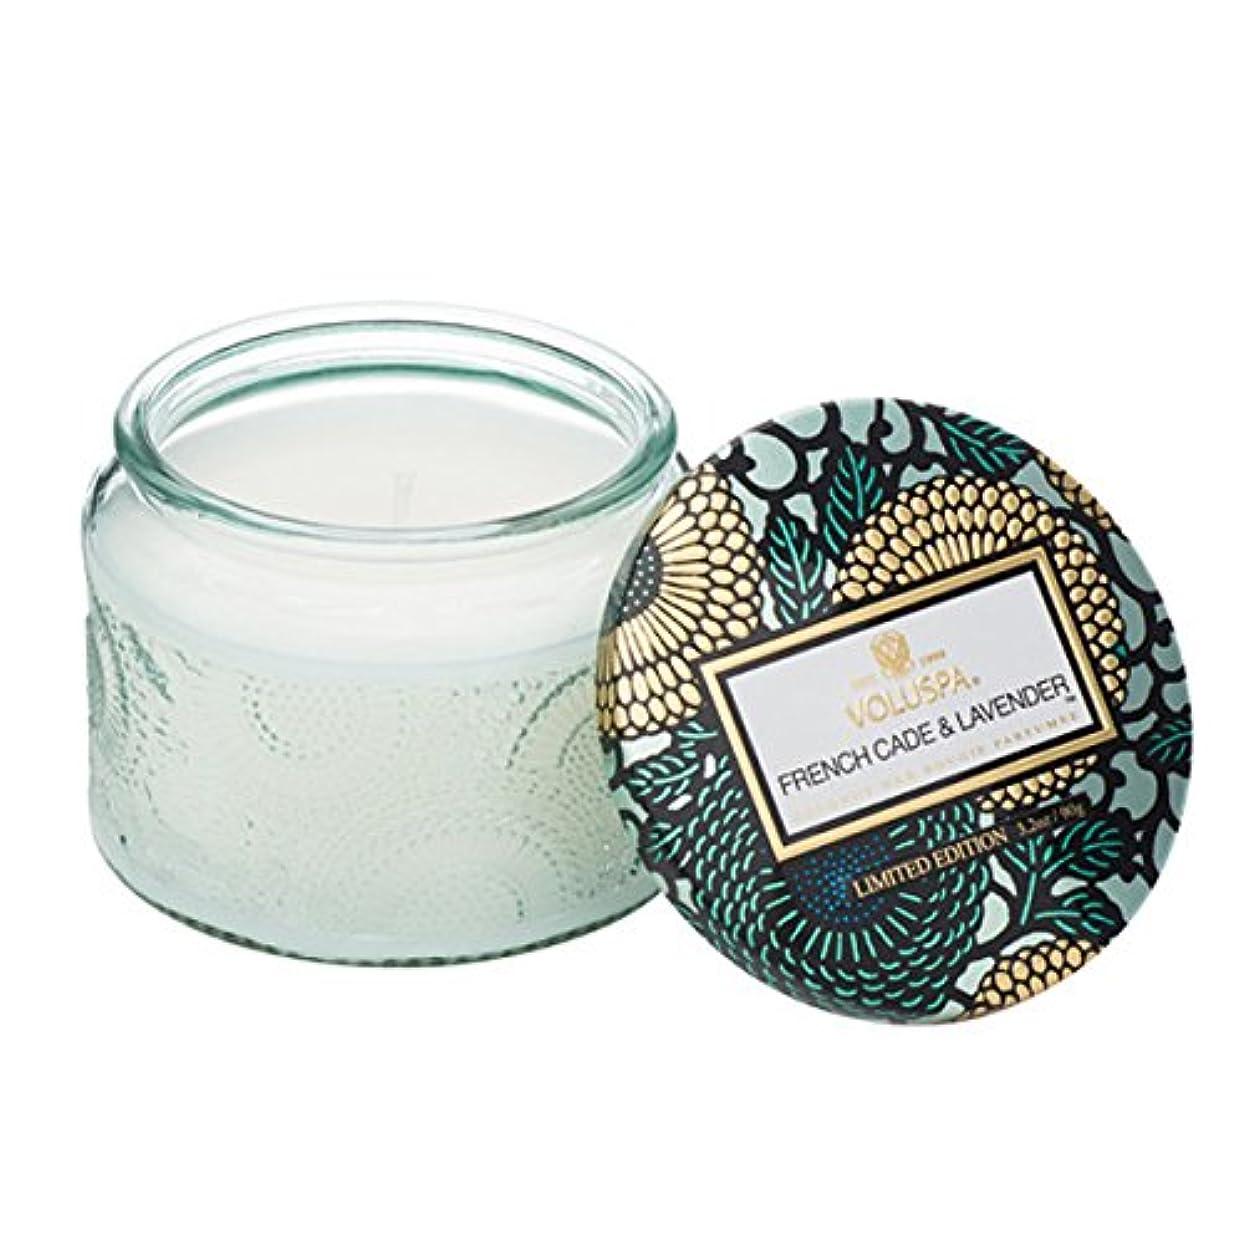 行商燃料古くなったVoluspa ボルスパ ジャポニカ リミテッド グラスジャーキャンドル  S フレンチケード&ラベンダー FRENCH CADE LAVENDER  JAPONICA Limited PETITE EMBOSSED Glass jar candle